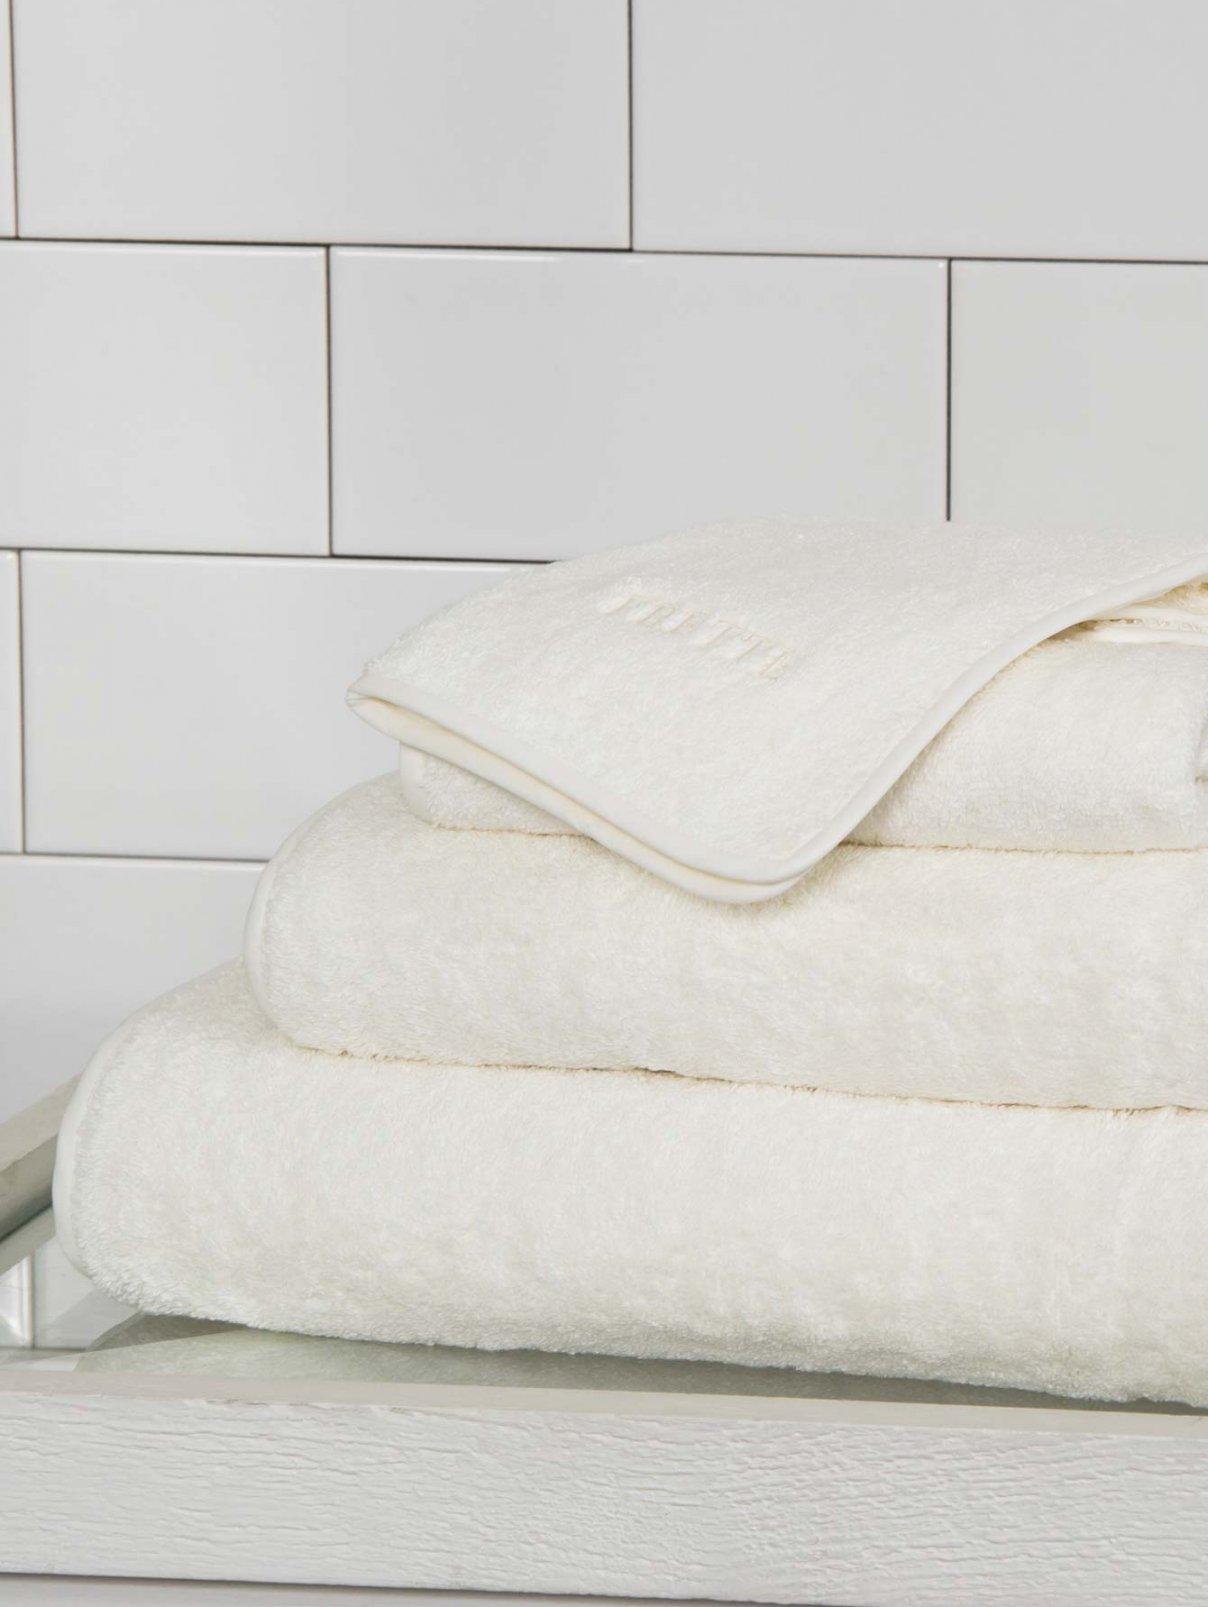 Полотенце 60 x 110 см SOLID TOWEL Frette  –  Общий вид